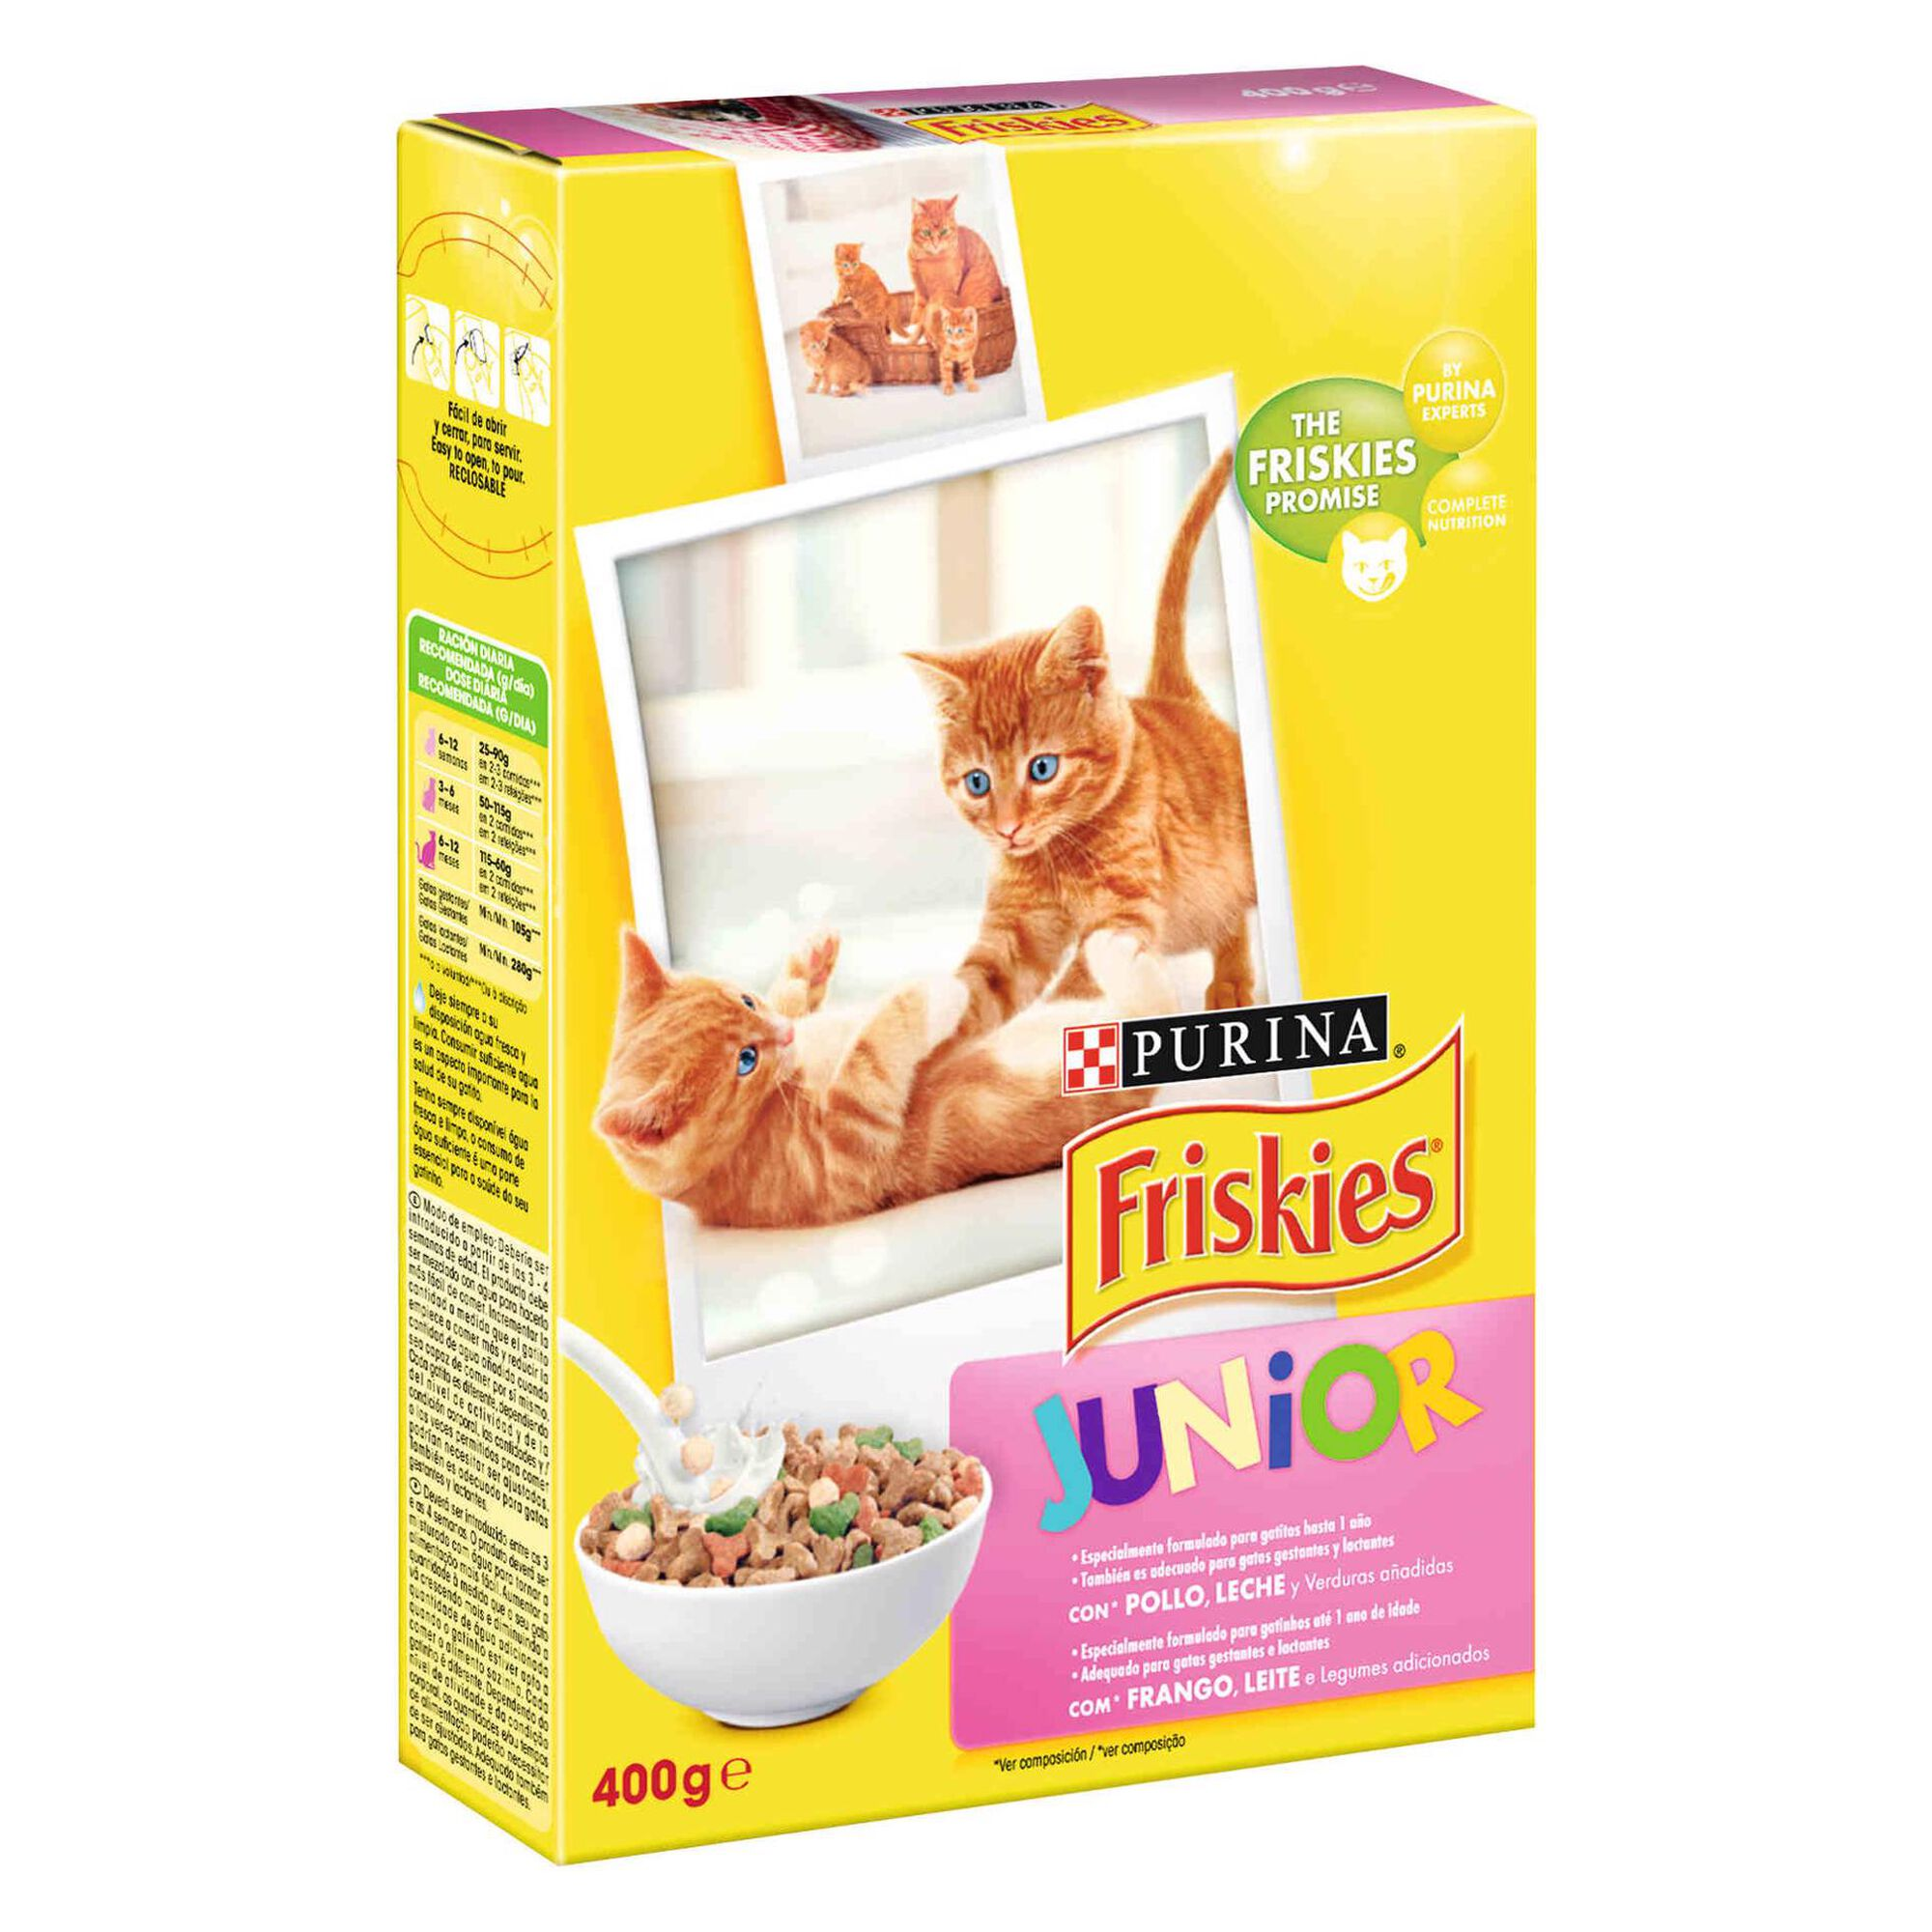 Ração para Gato Júnior Frango, Leite e Legumes